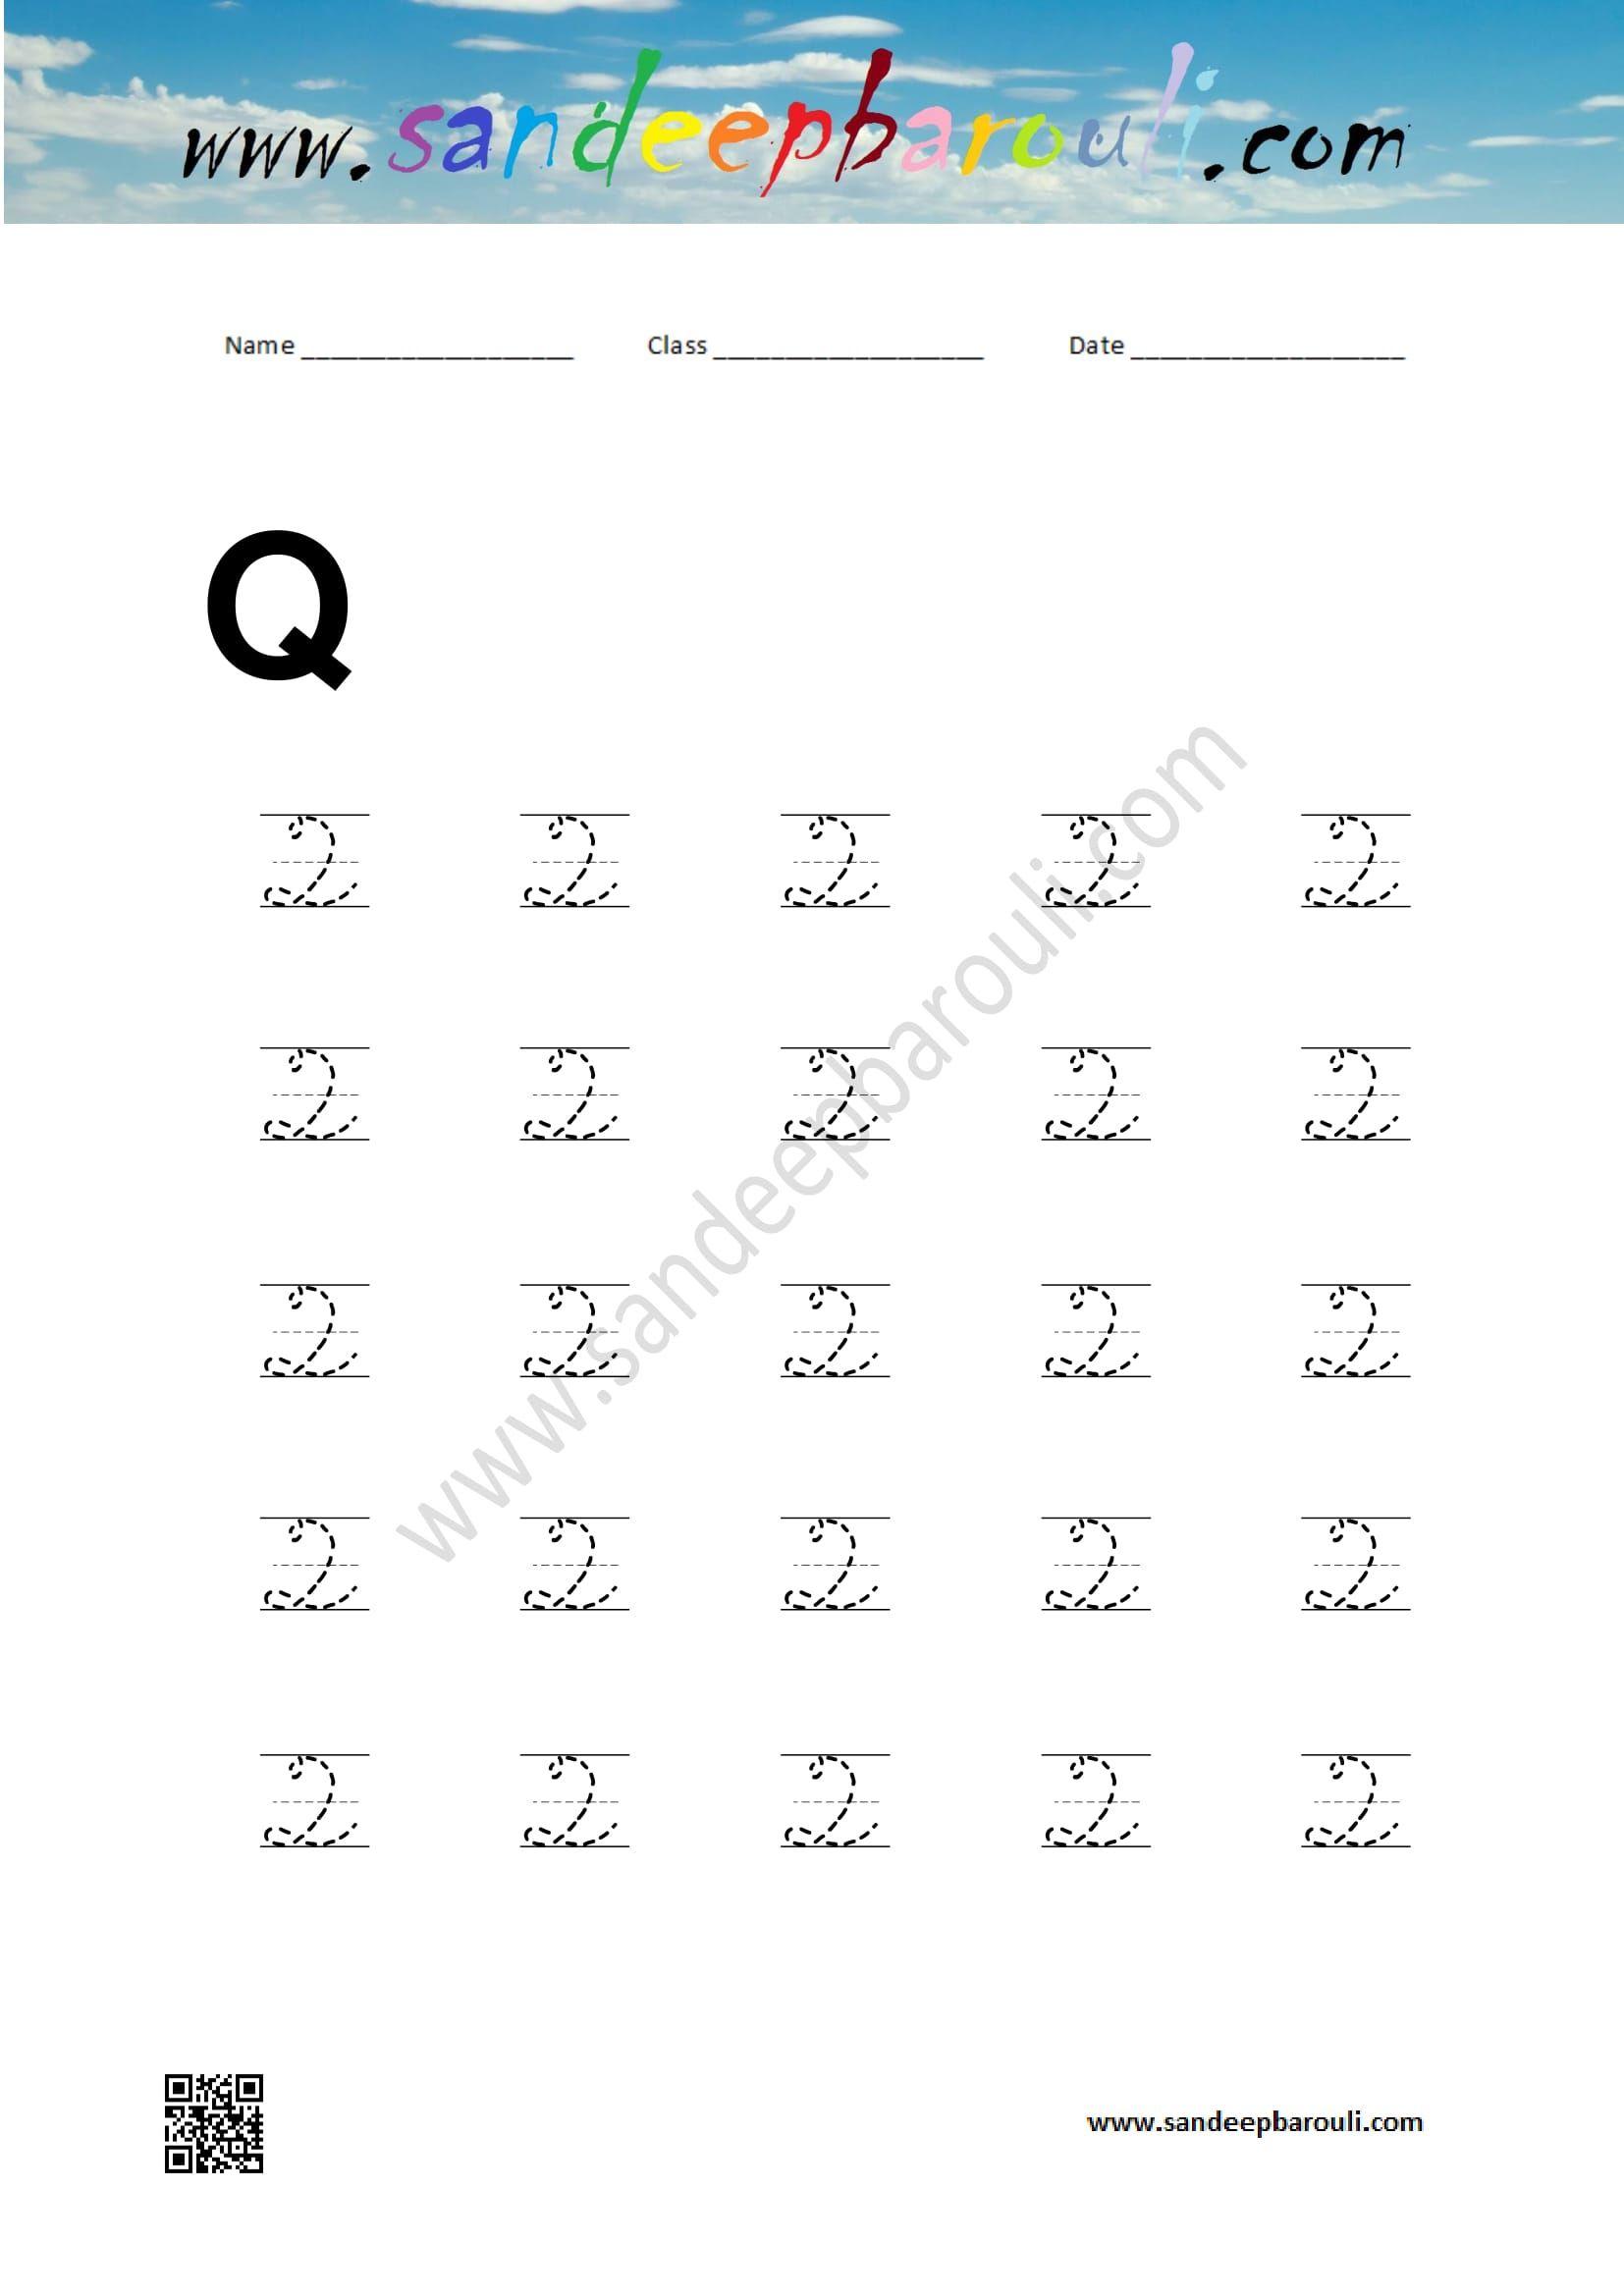 worksheet Cursive Writing Letters Worksheets cursive writing worksheet for capital q educational website website